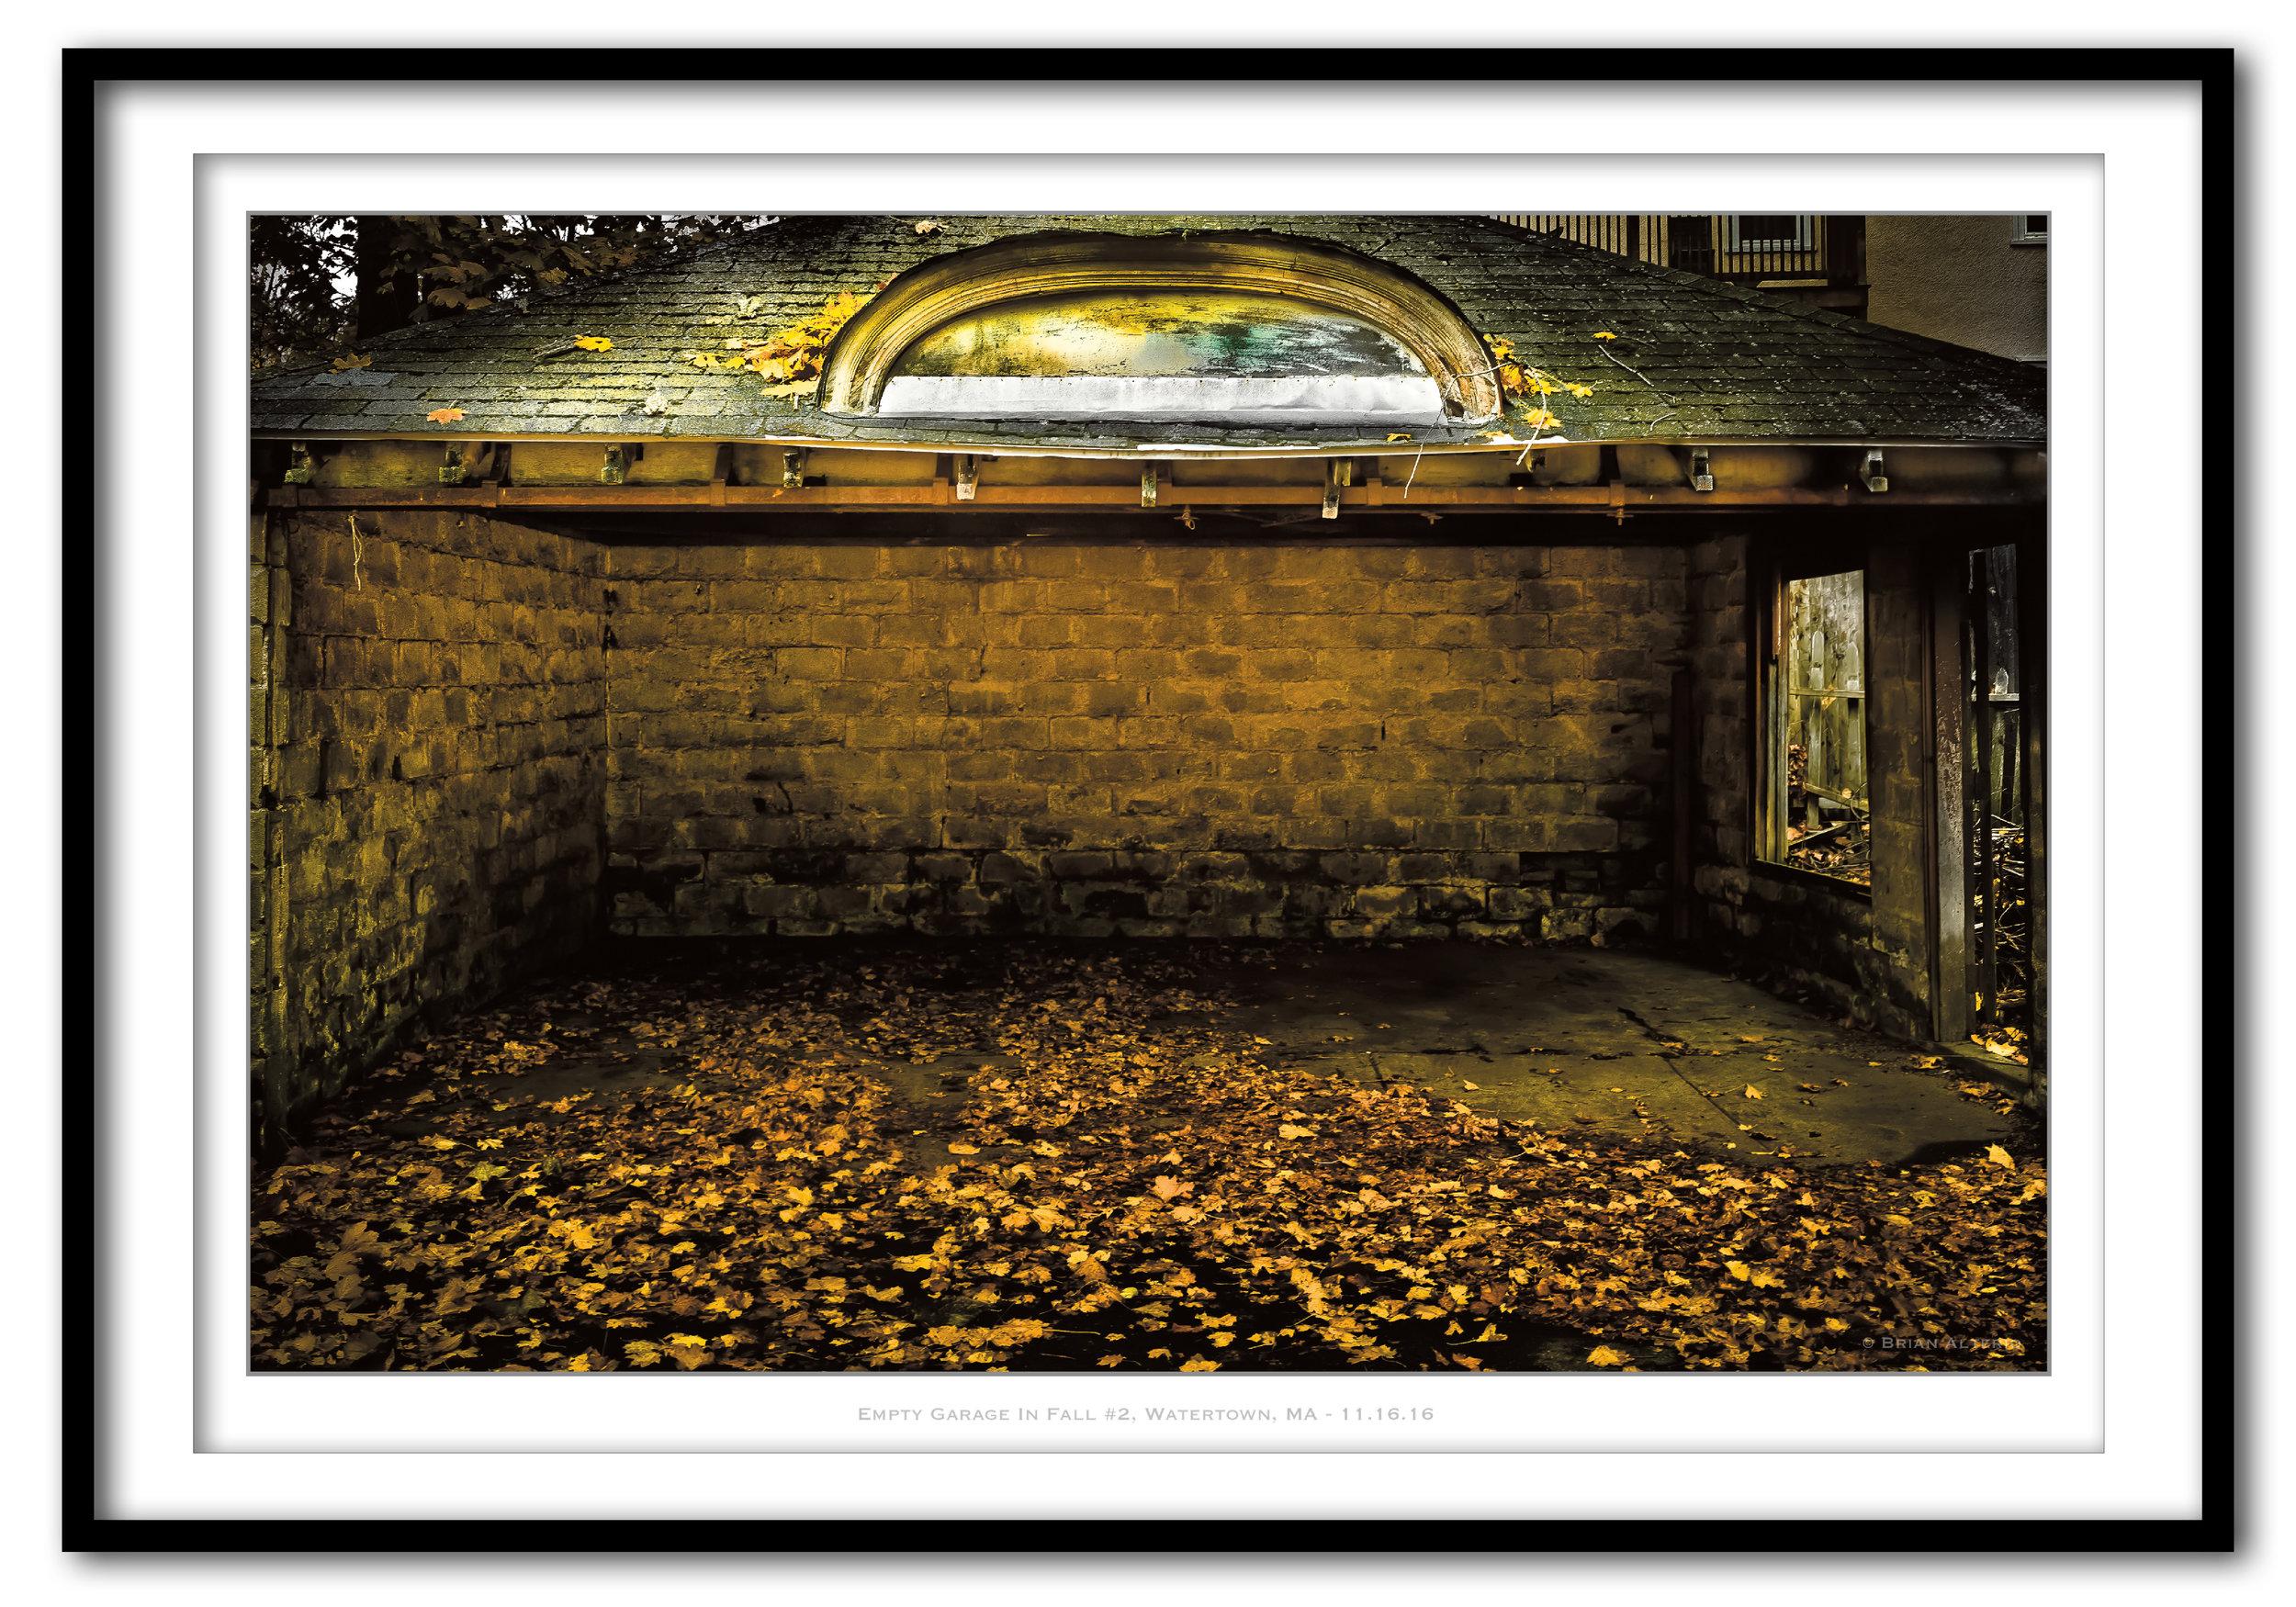 Empty Garage In Fall #2, Watertown, MA - 11.16.16 - Framed.jpg